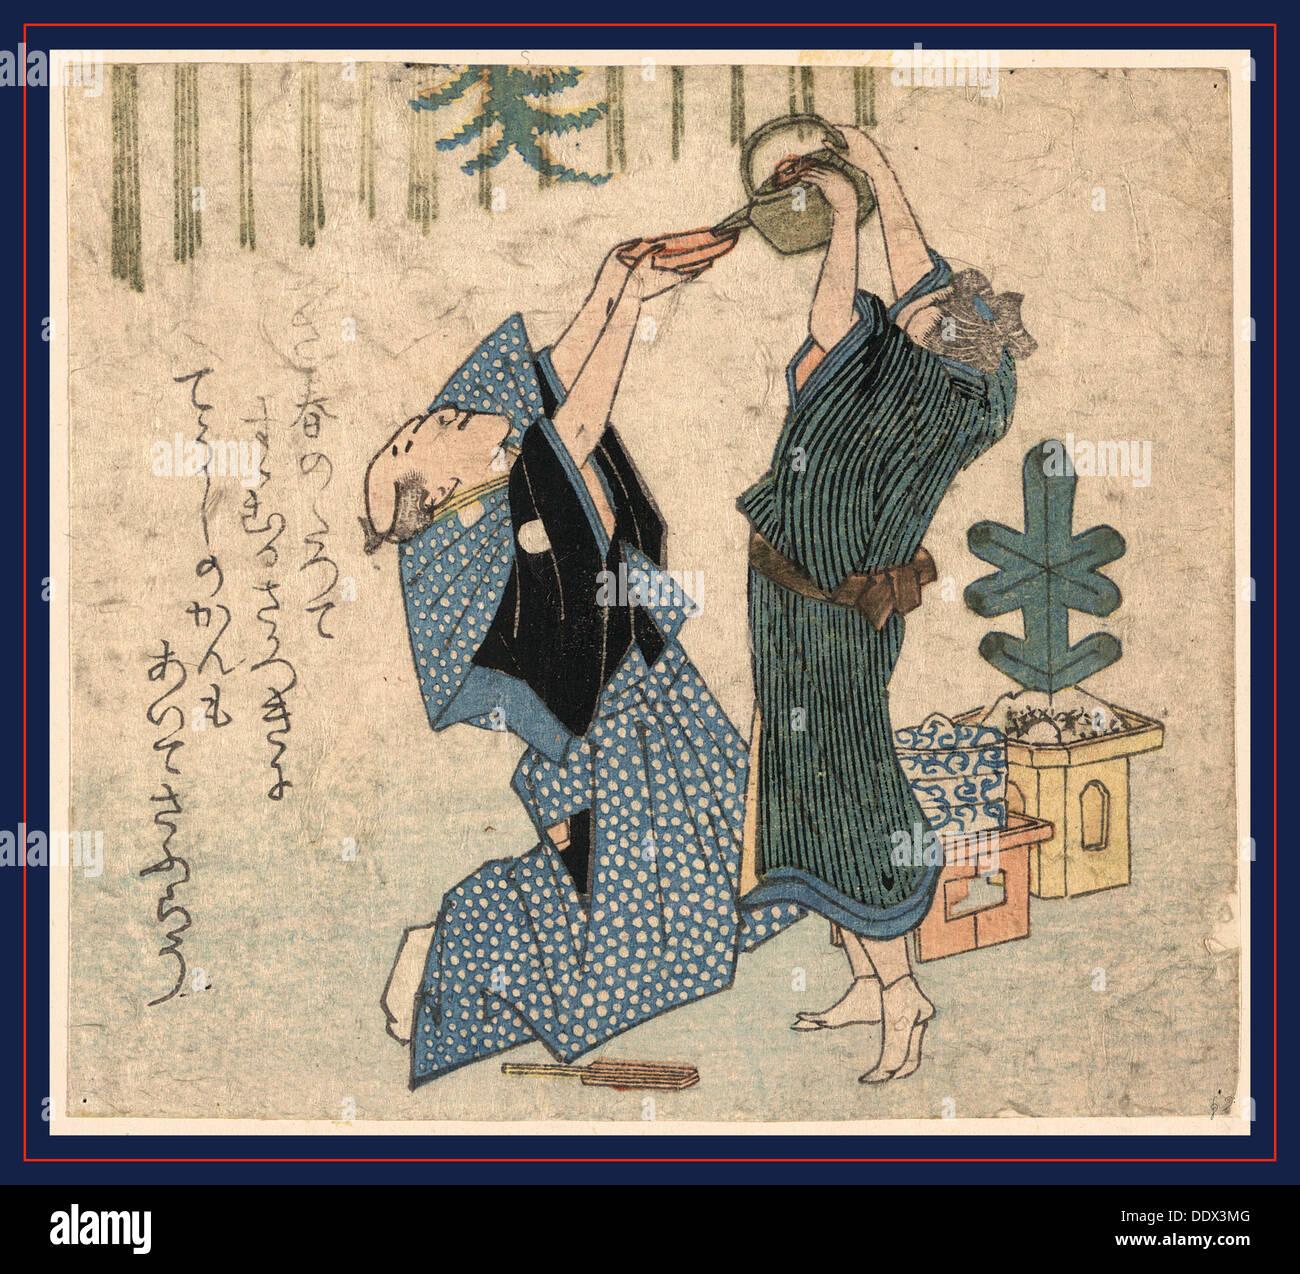 Giga shinnen no iwai, la bande dessinée de célébration de la nouvelle année. Imprimer montre un homme à genoux, tenant une soucoupe avec des frais généraux Photo Stock